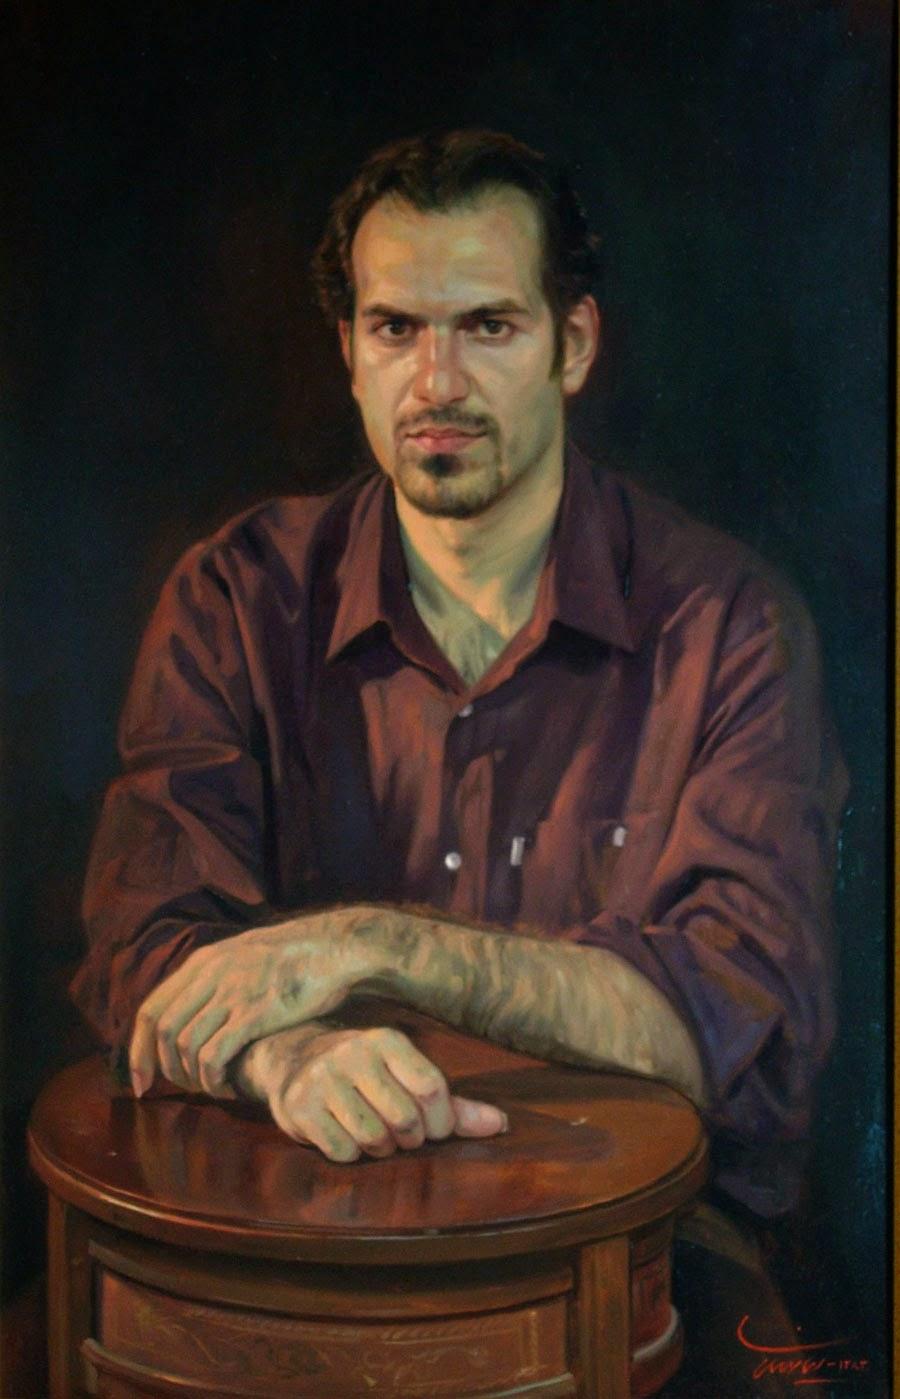 Retrato de um Homem Jovem - Iman Maleki e suas pinturas realistas ~ Pintor iraniano